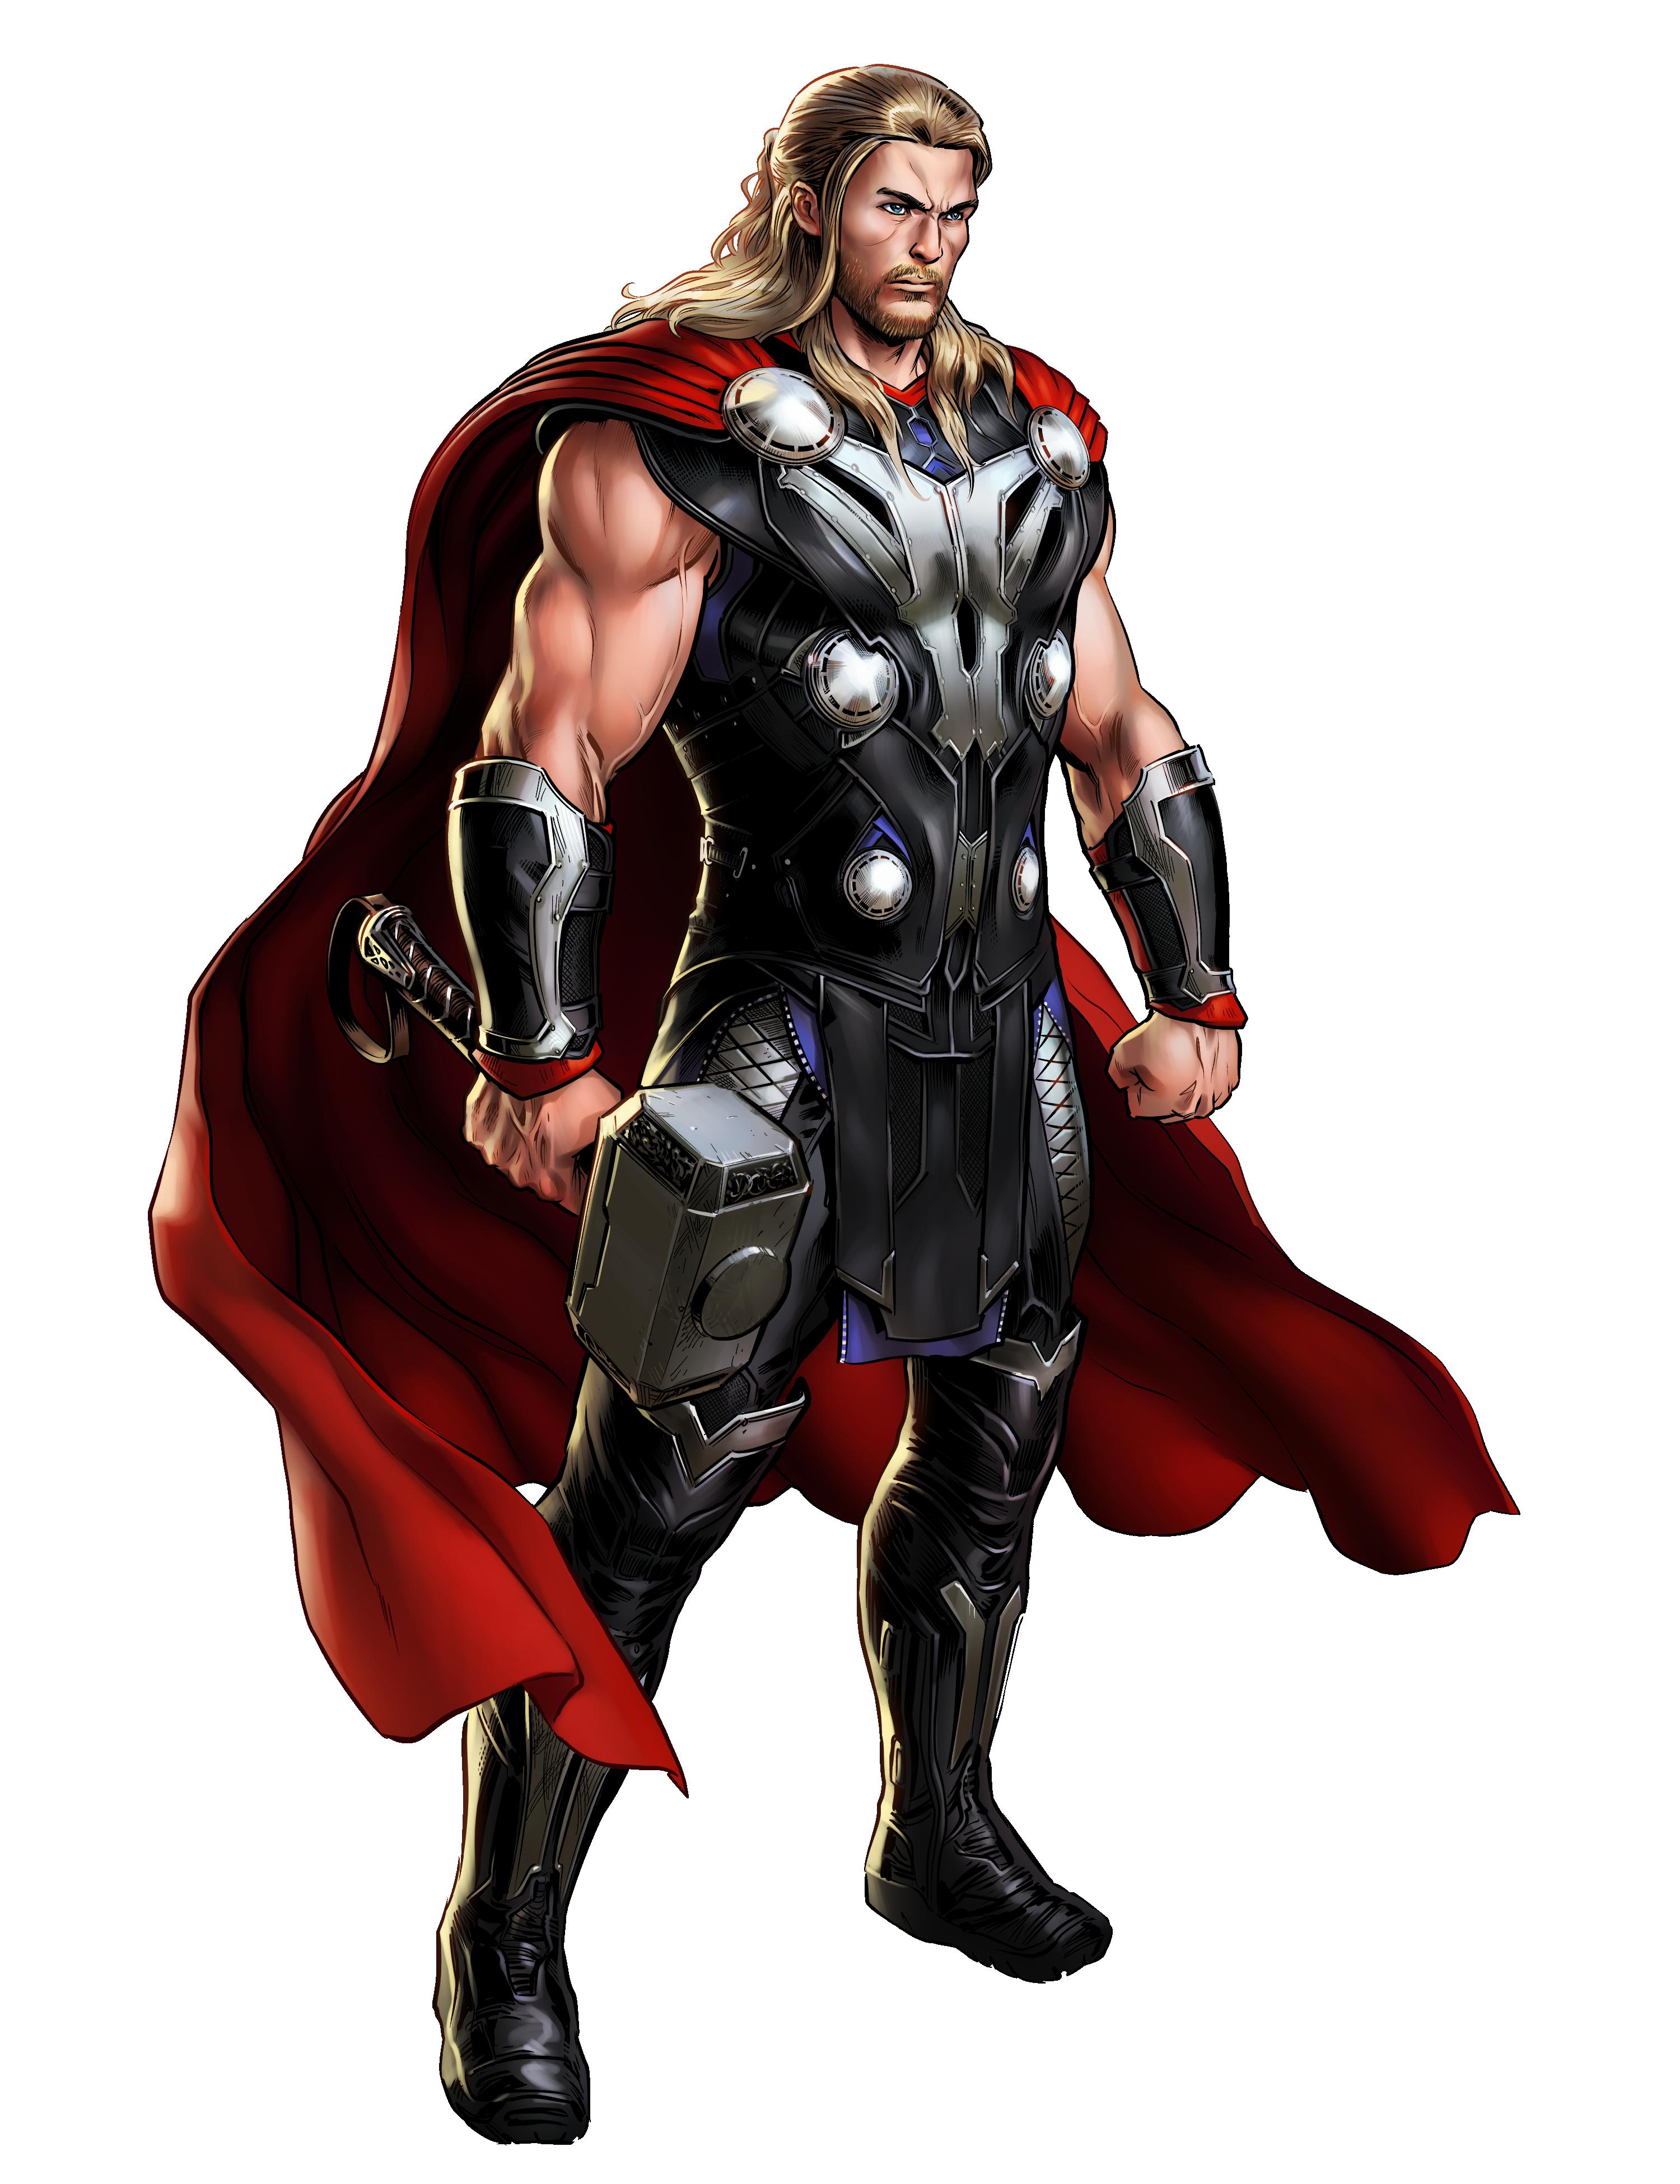 clip library Resultado de imagen para. Thor clipart avengers alliance